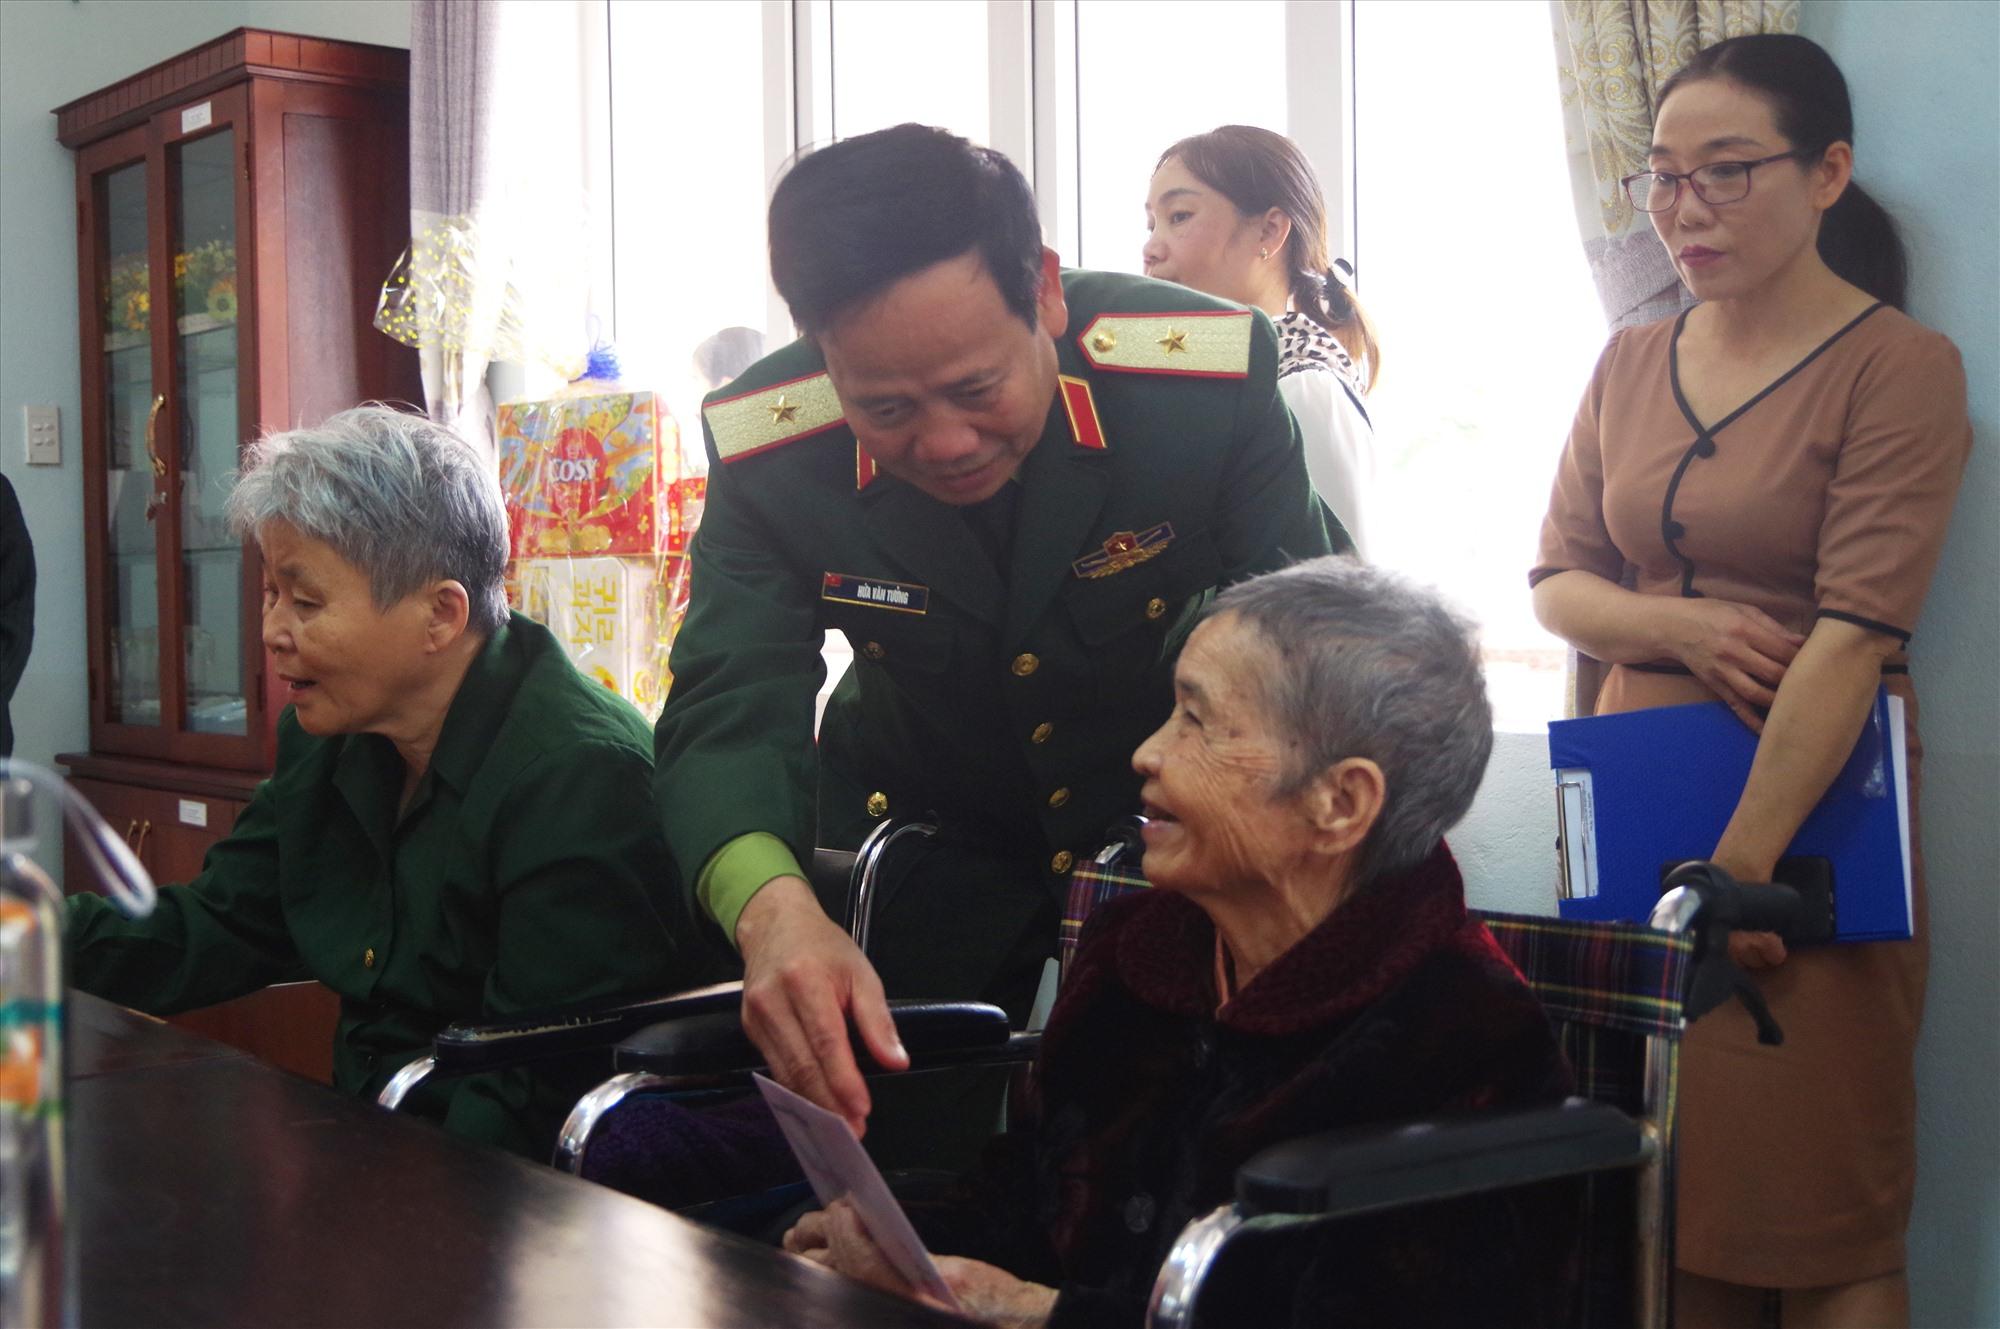 Thiếu tướng Hứa Văn Tưởng tặng quà cho Mẹ VNAH tại Trung tâm nuôi dưỡng, điều dưỡng người có công cách mạng tỉnh Quảng Nam.